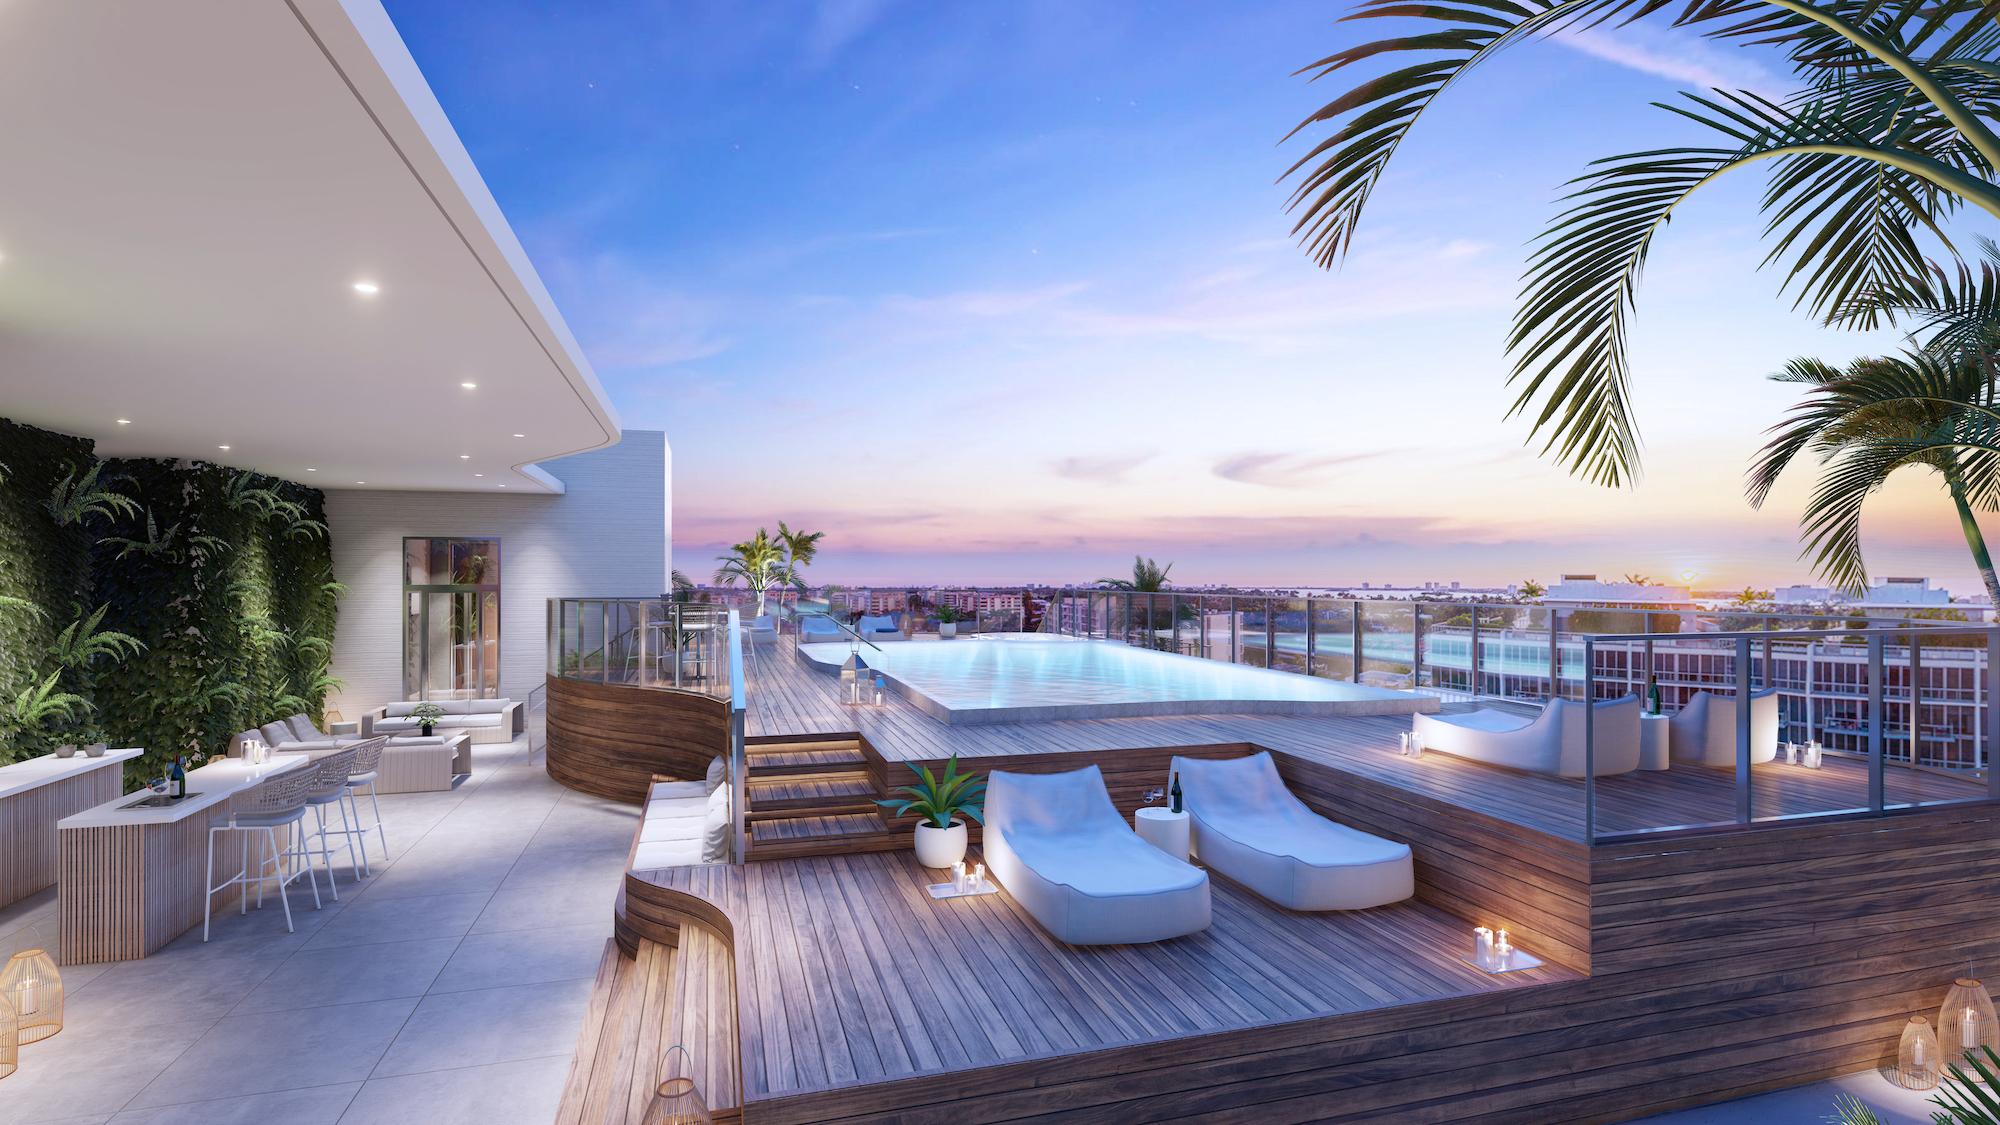 Ambienta Rooftop Oasis